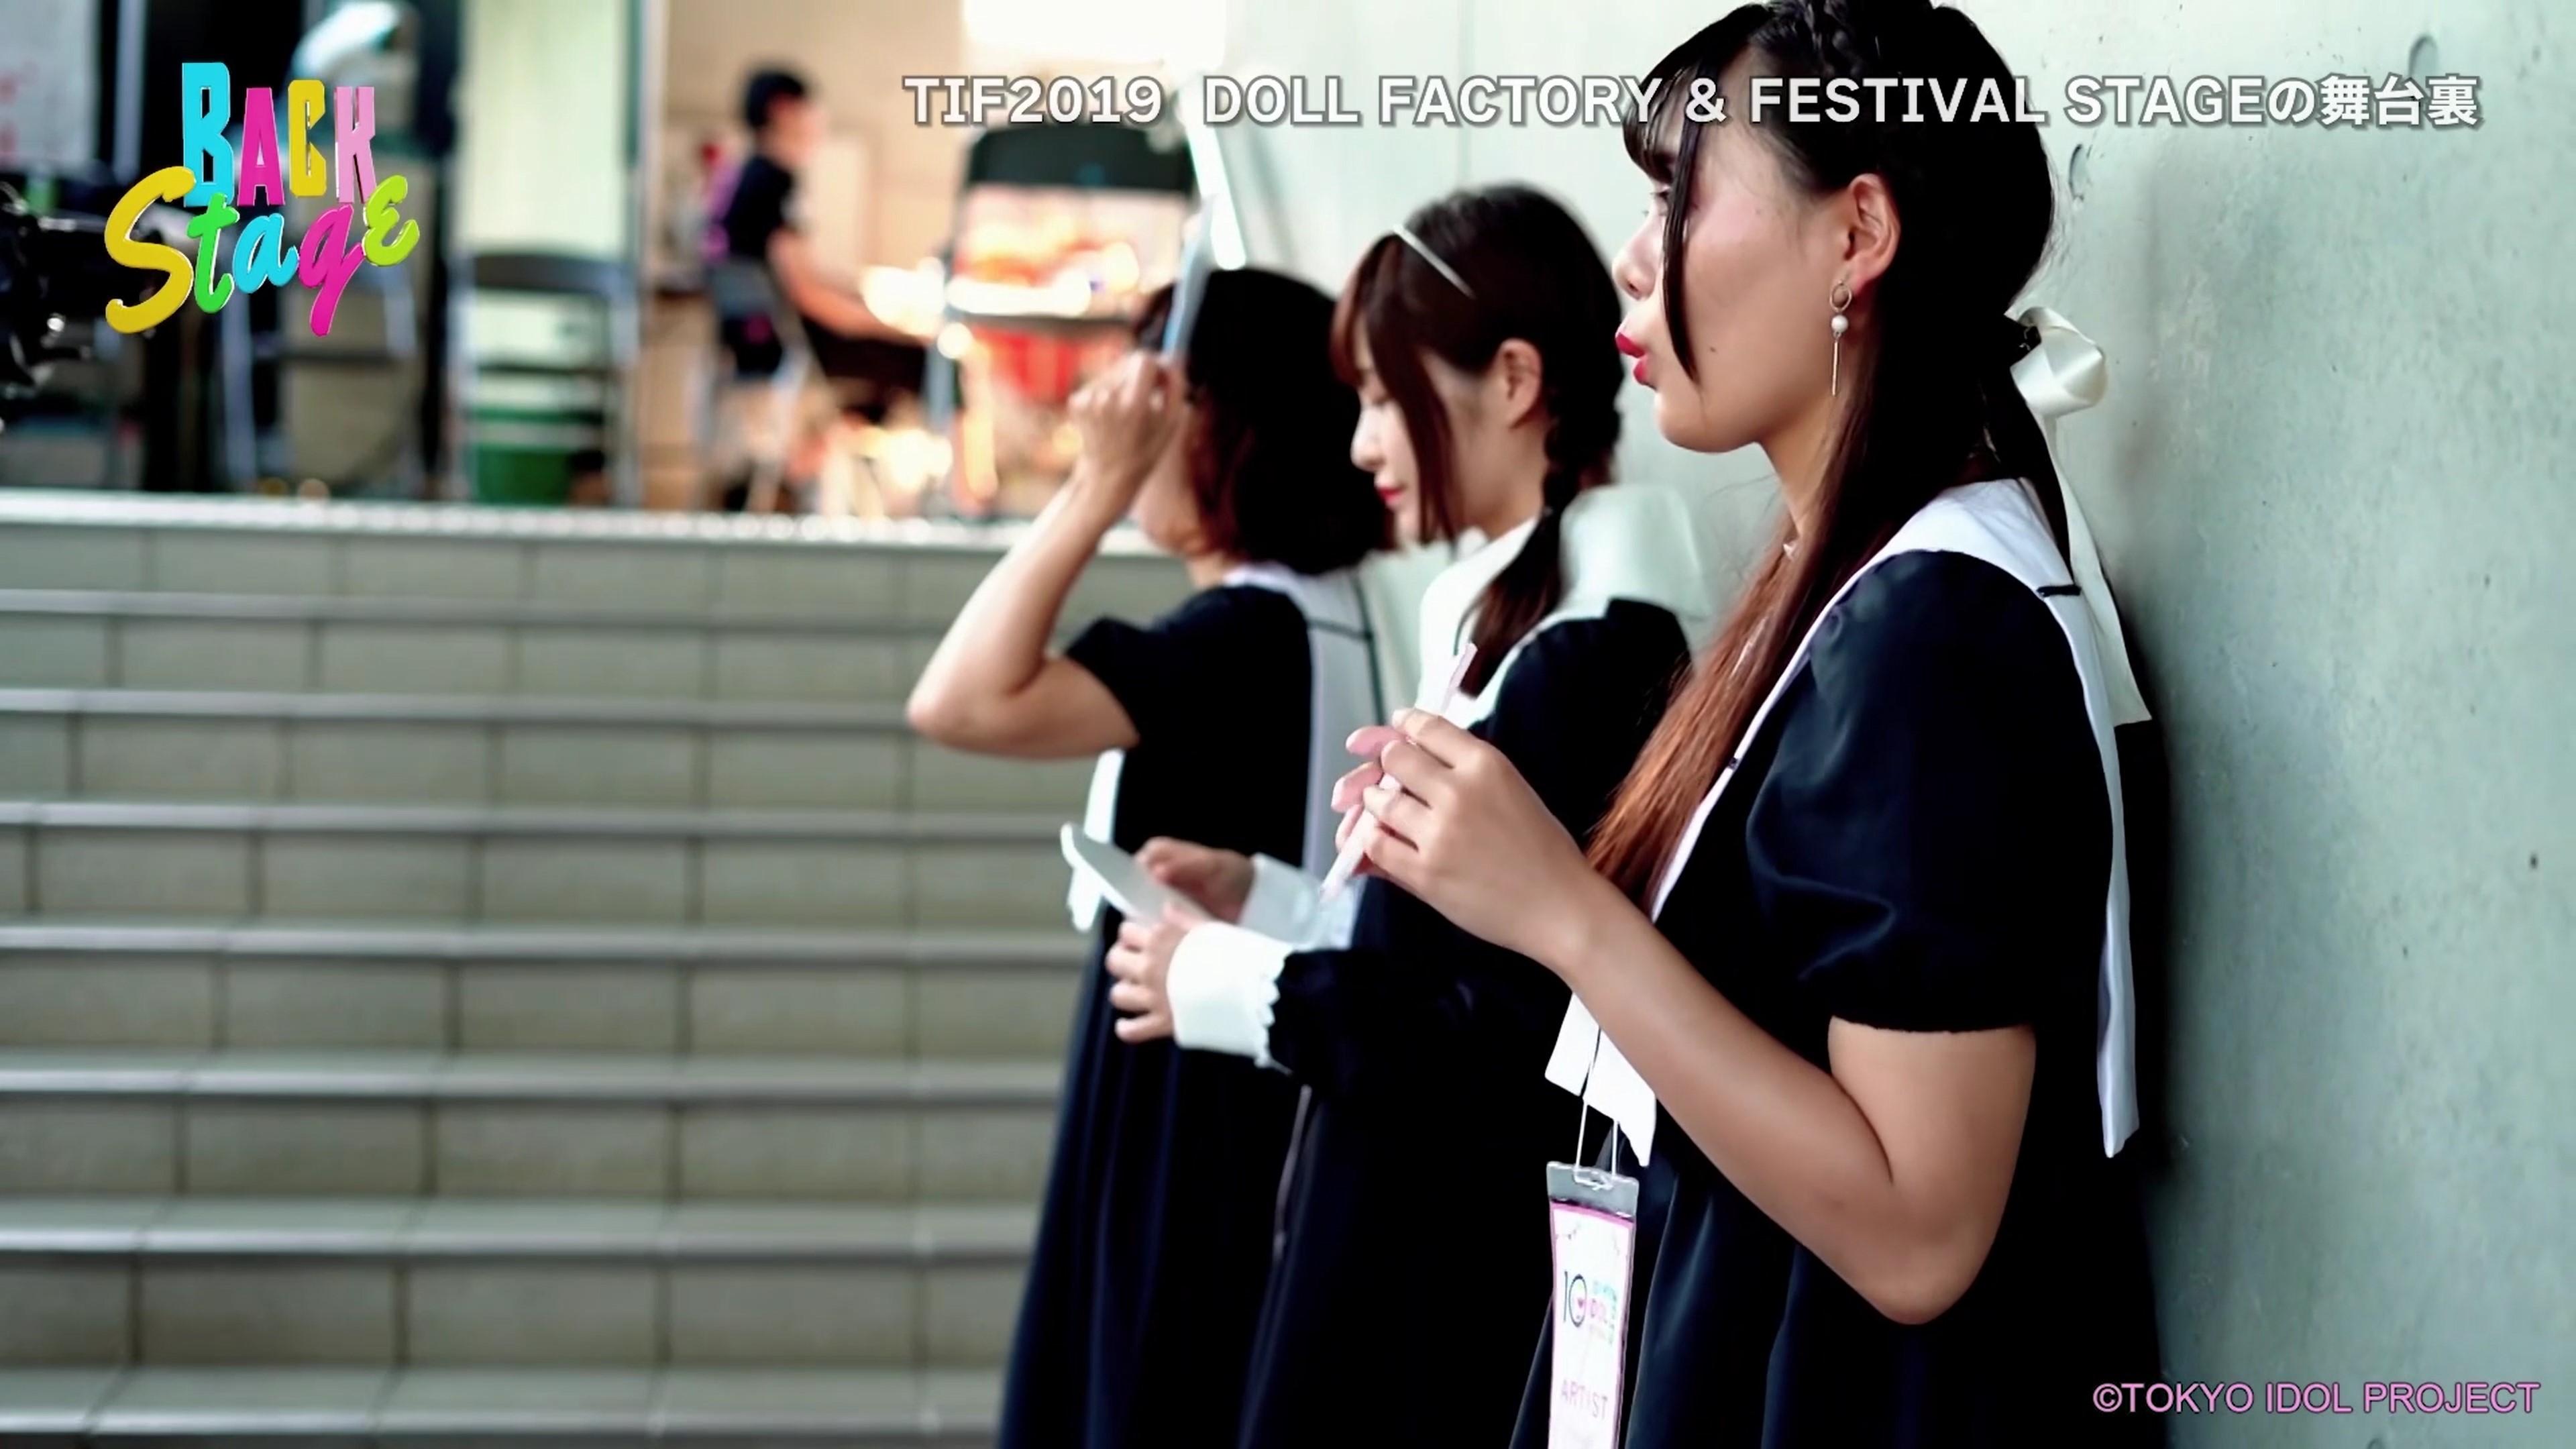 TOKYO IDOL FESTIVAL 2019